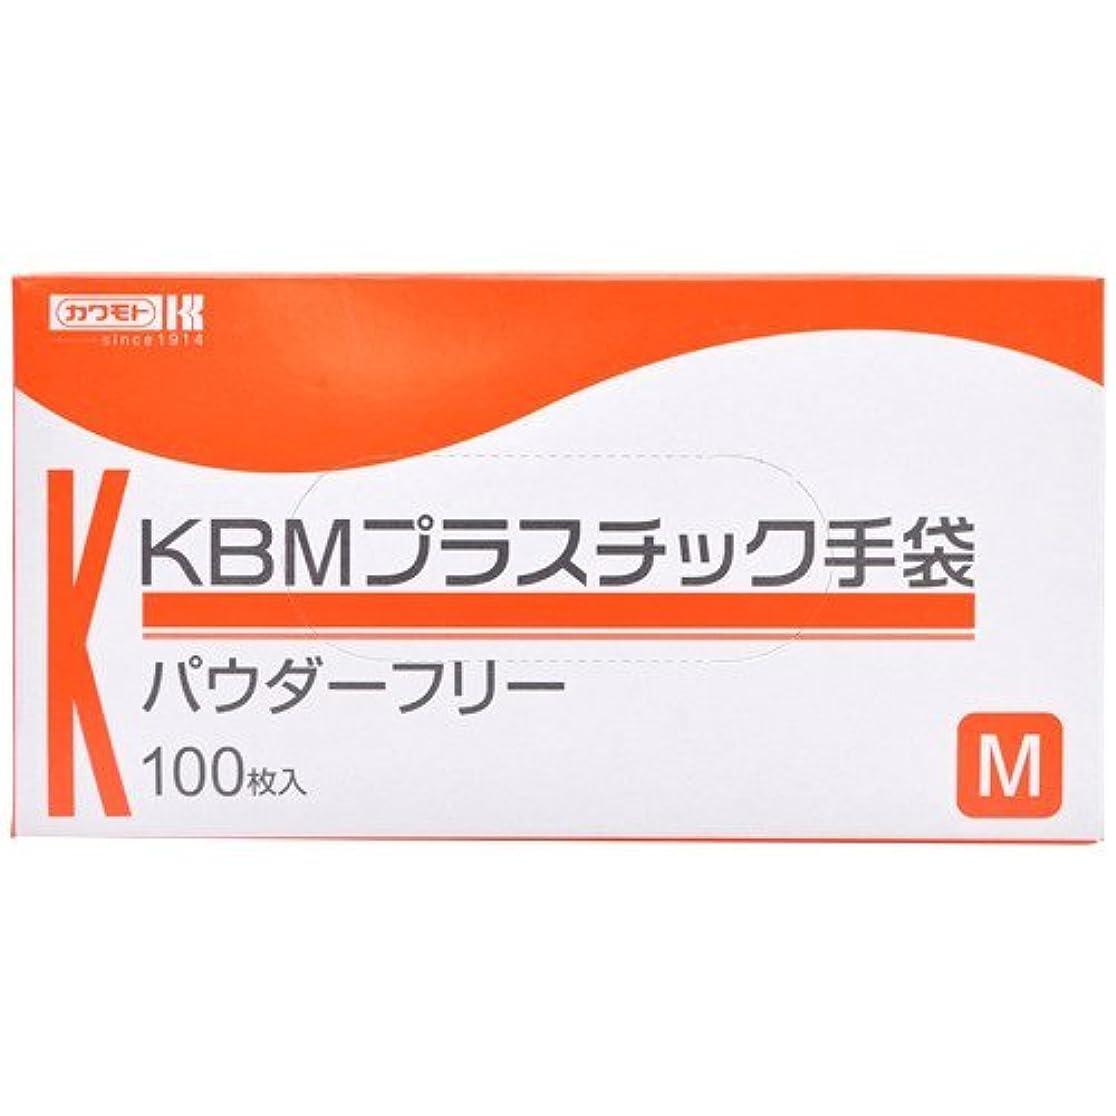 ボイコットコーヒー味わう川本産業 KBMプラスチック手袋 パウダーフリー M 100枚入